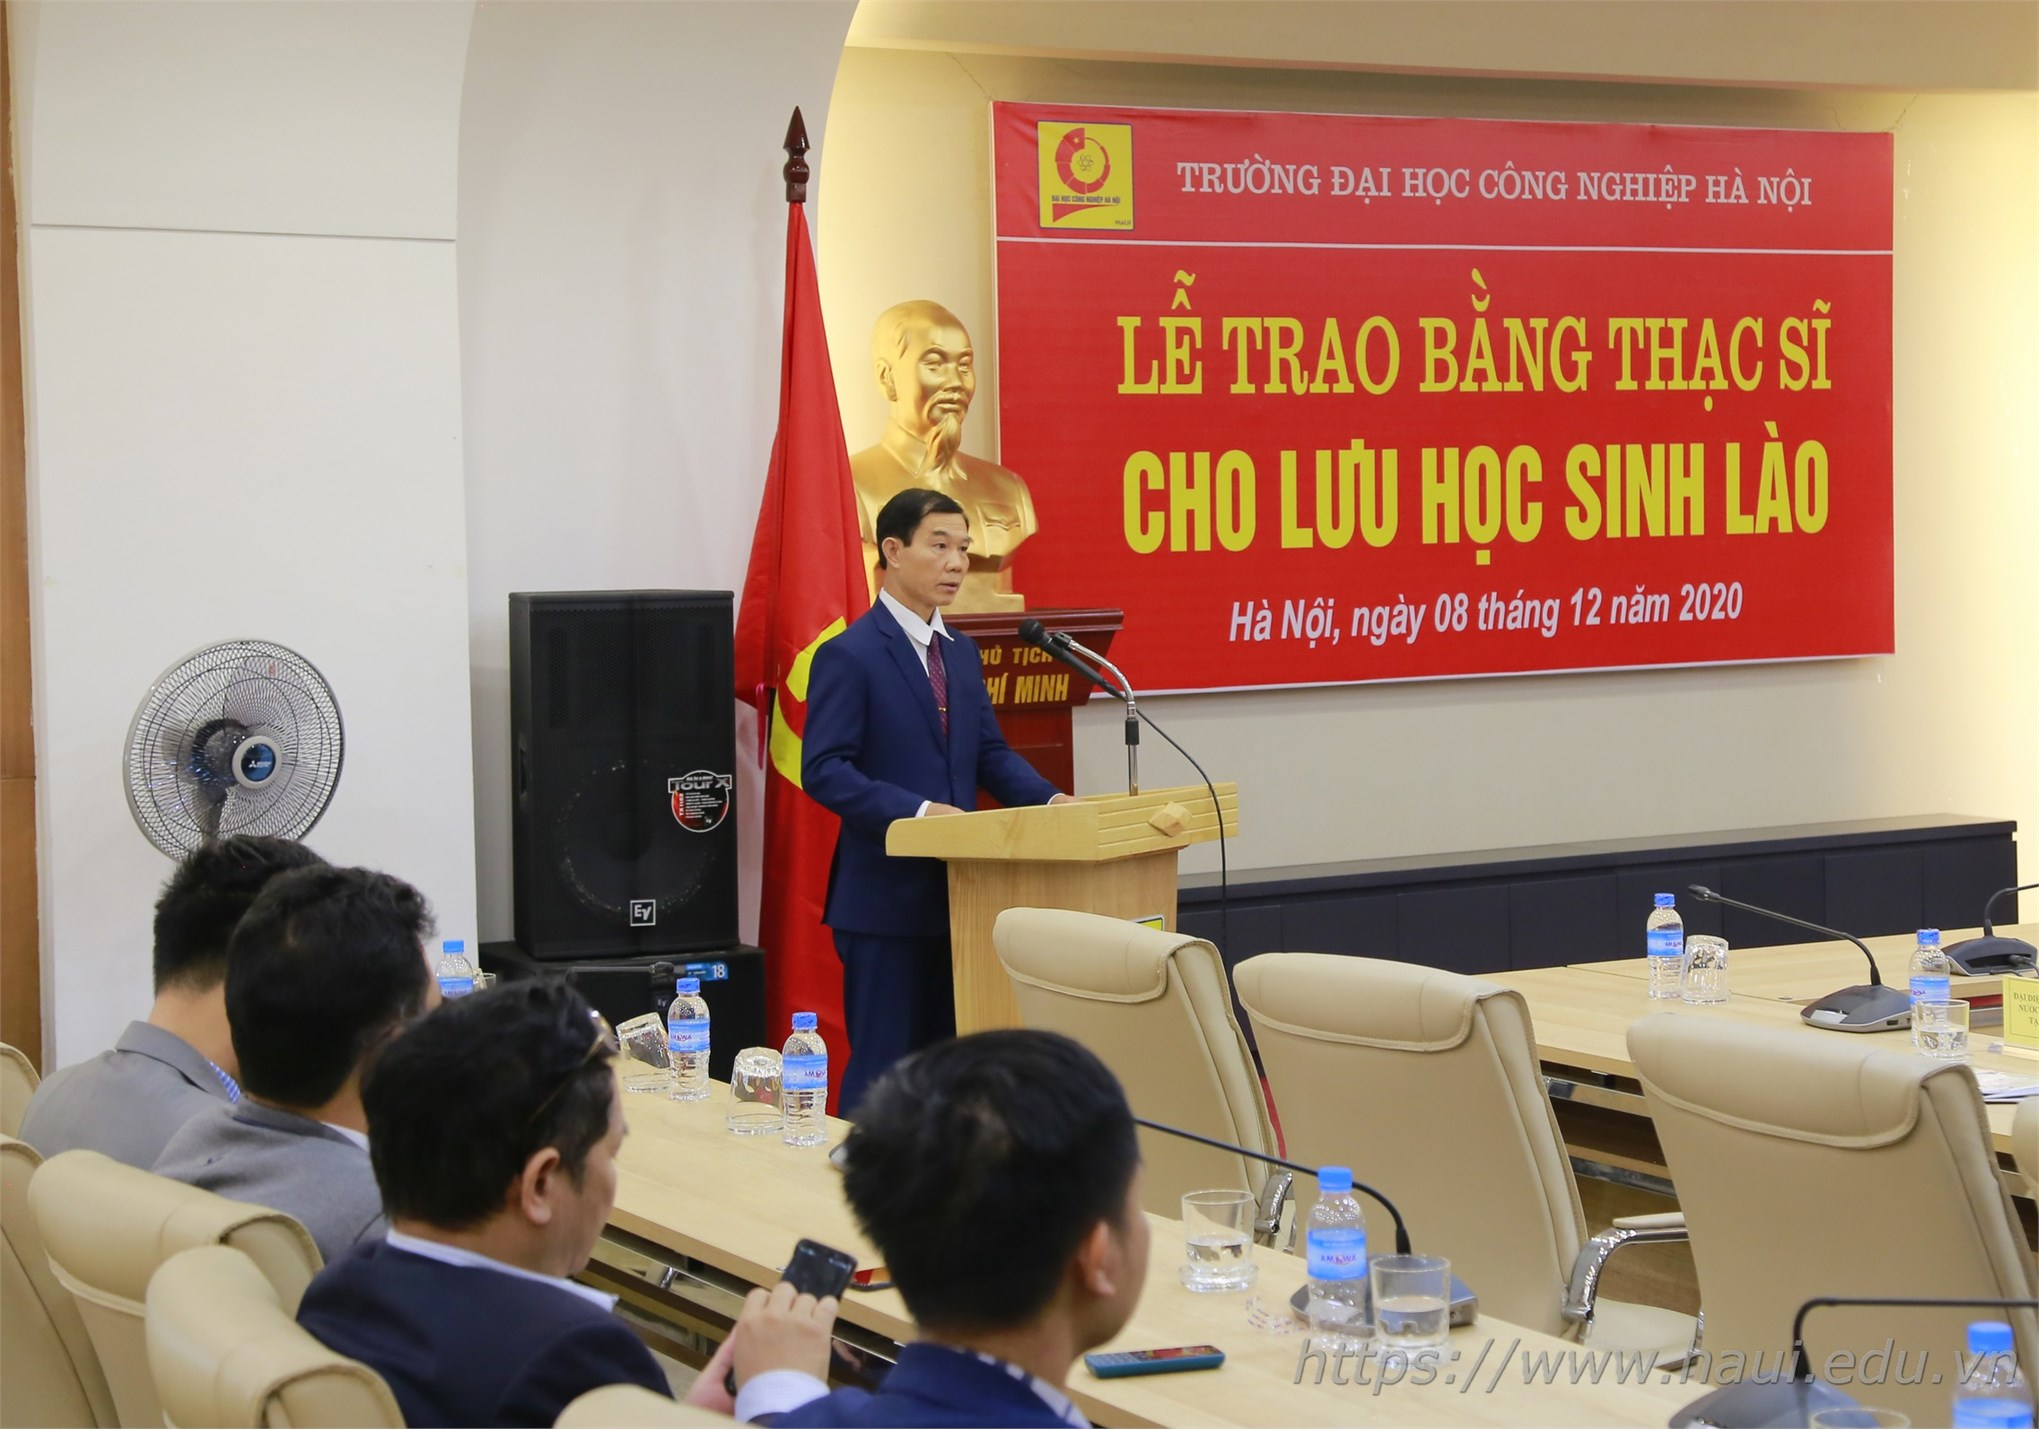 Lễ trao bằng Thạc sĩ cho 12 lưu học sinh Lào